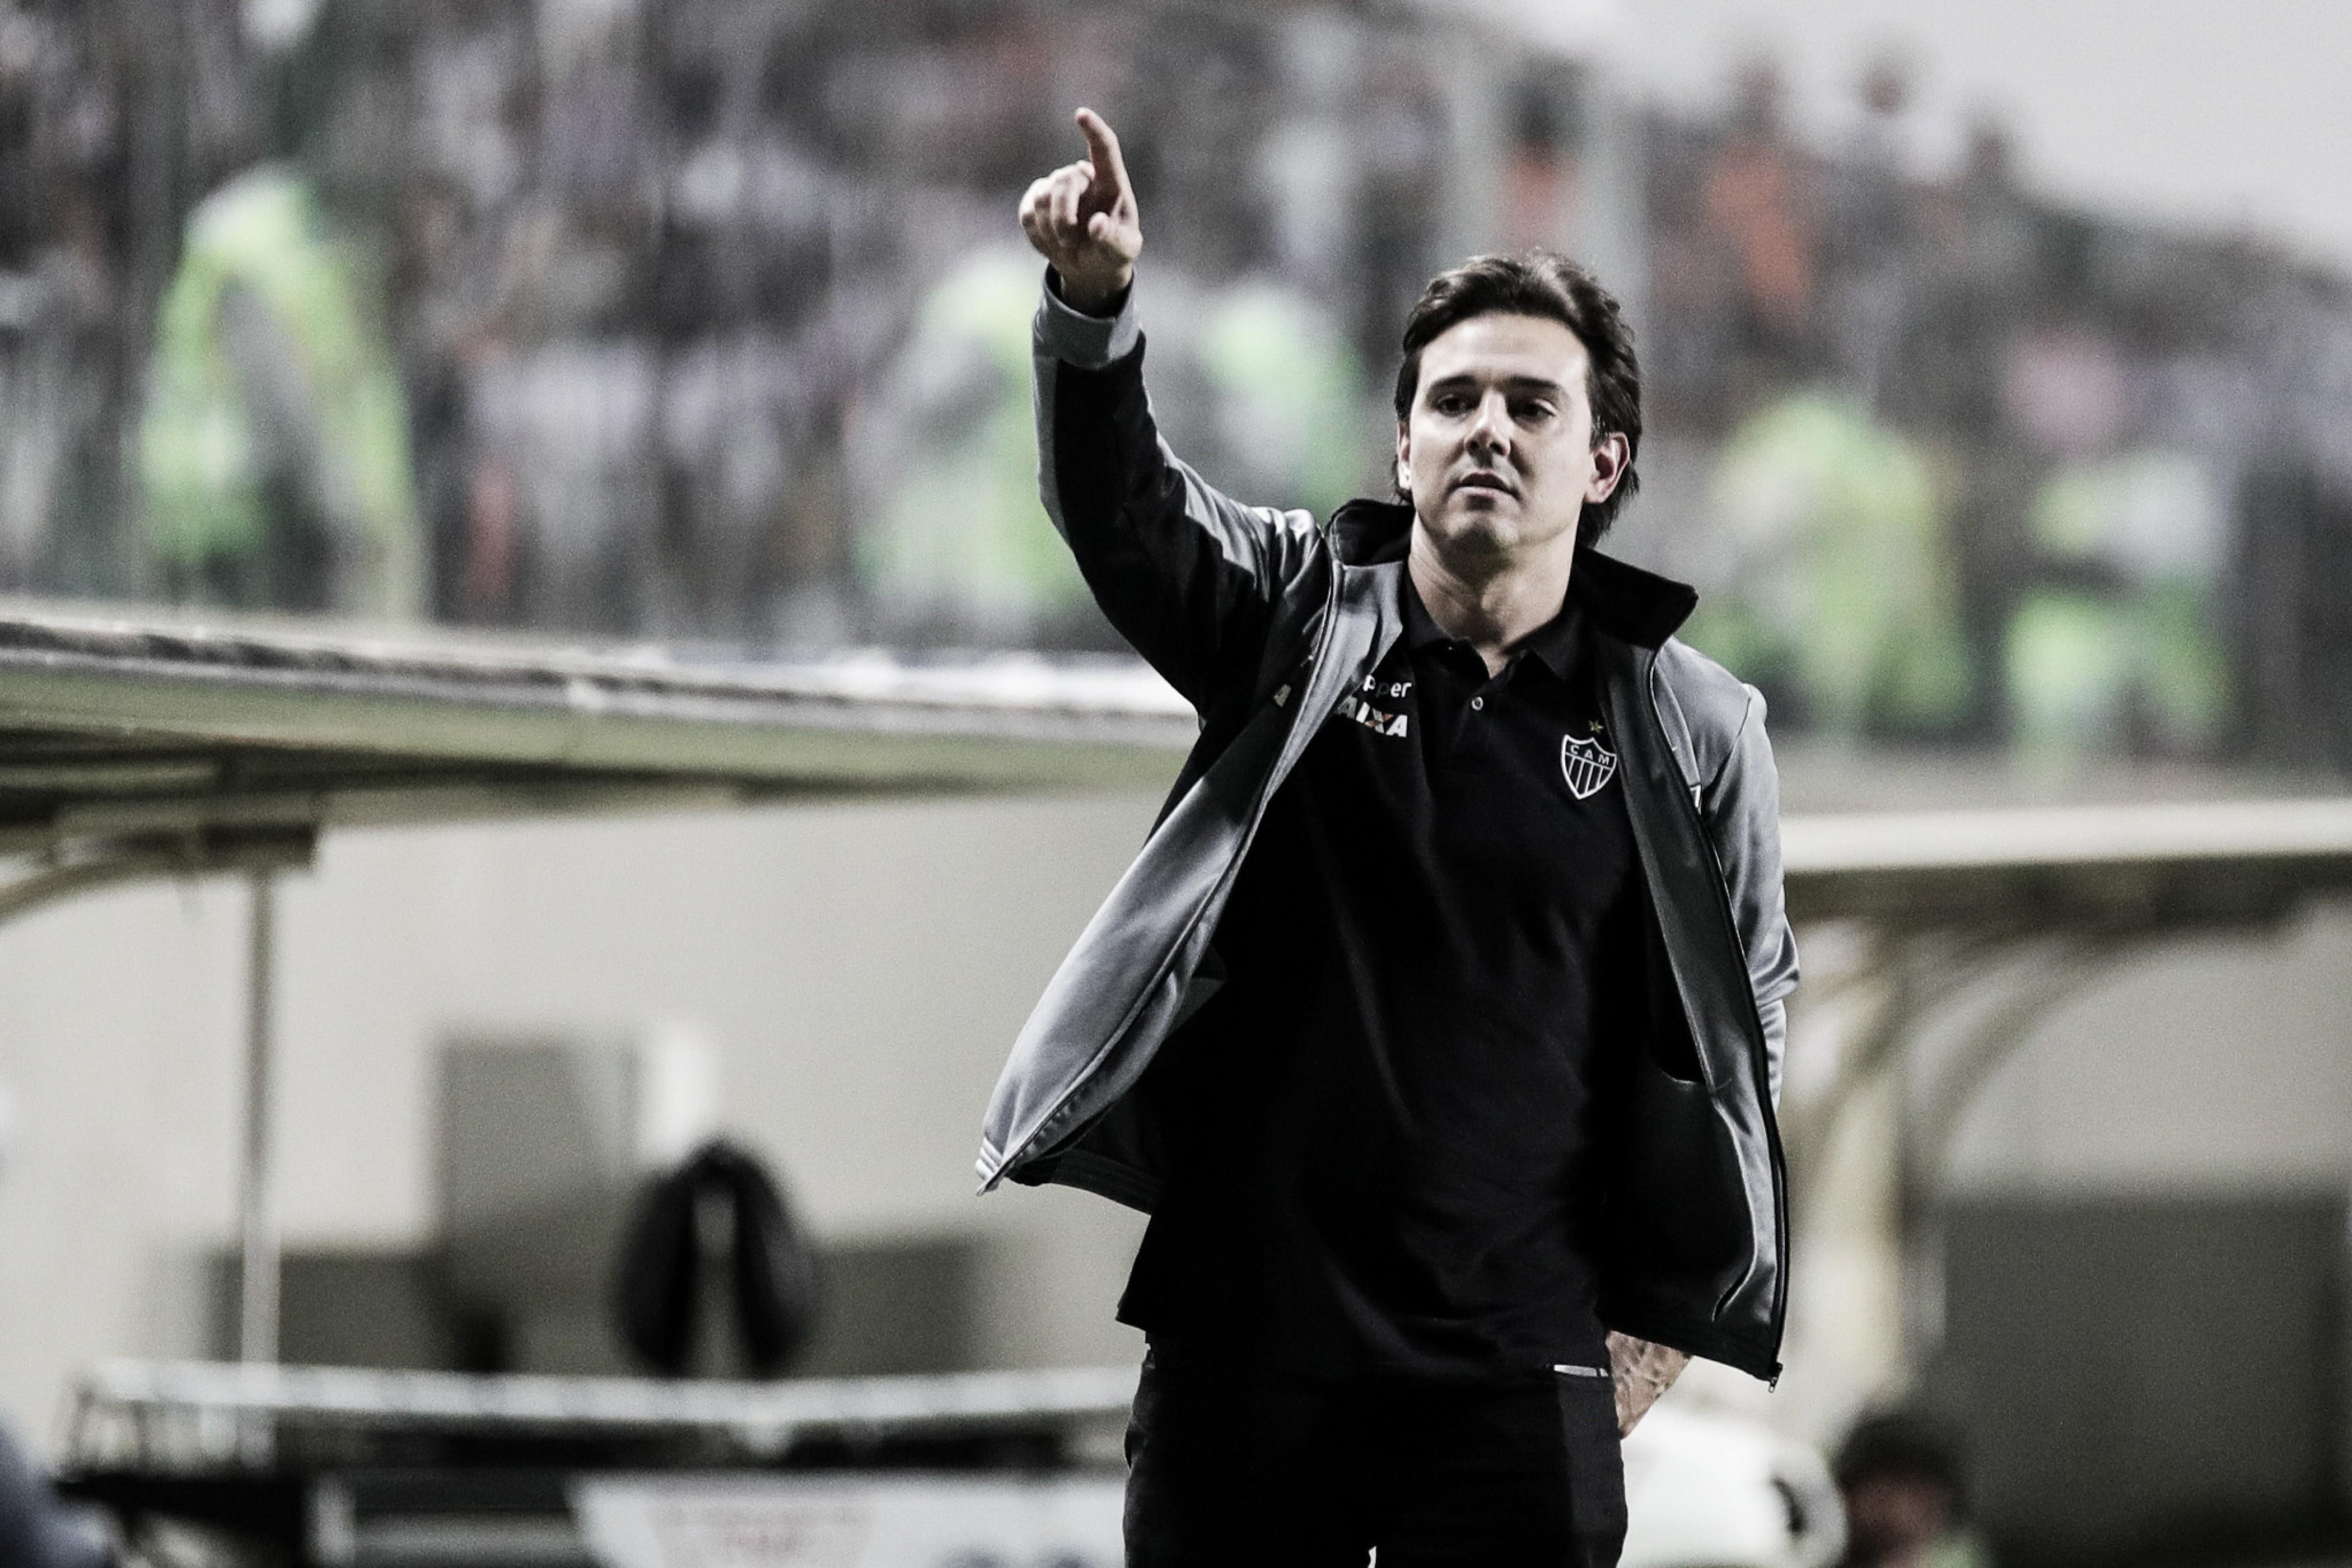 Thiago Larghi destaca 'empenho dos jogadores' na vitória do Atlético-MG